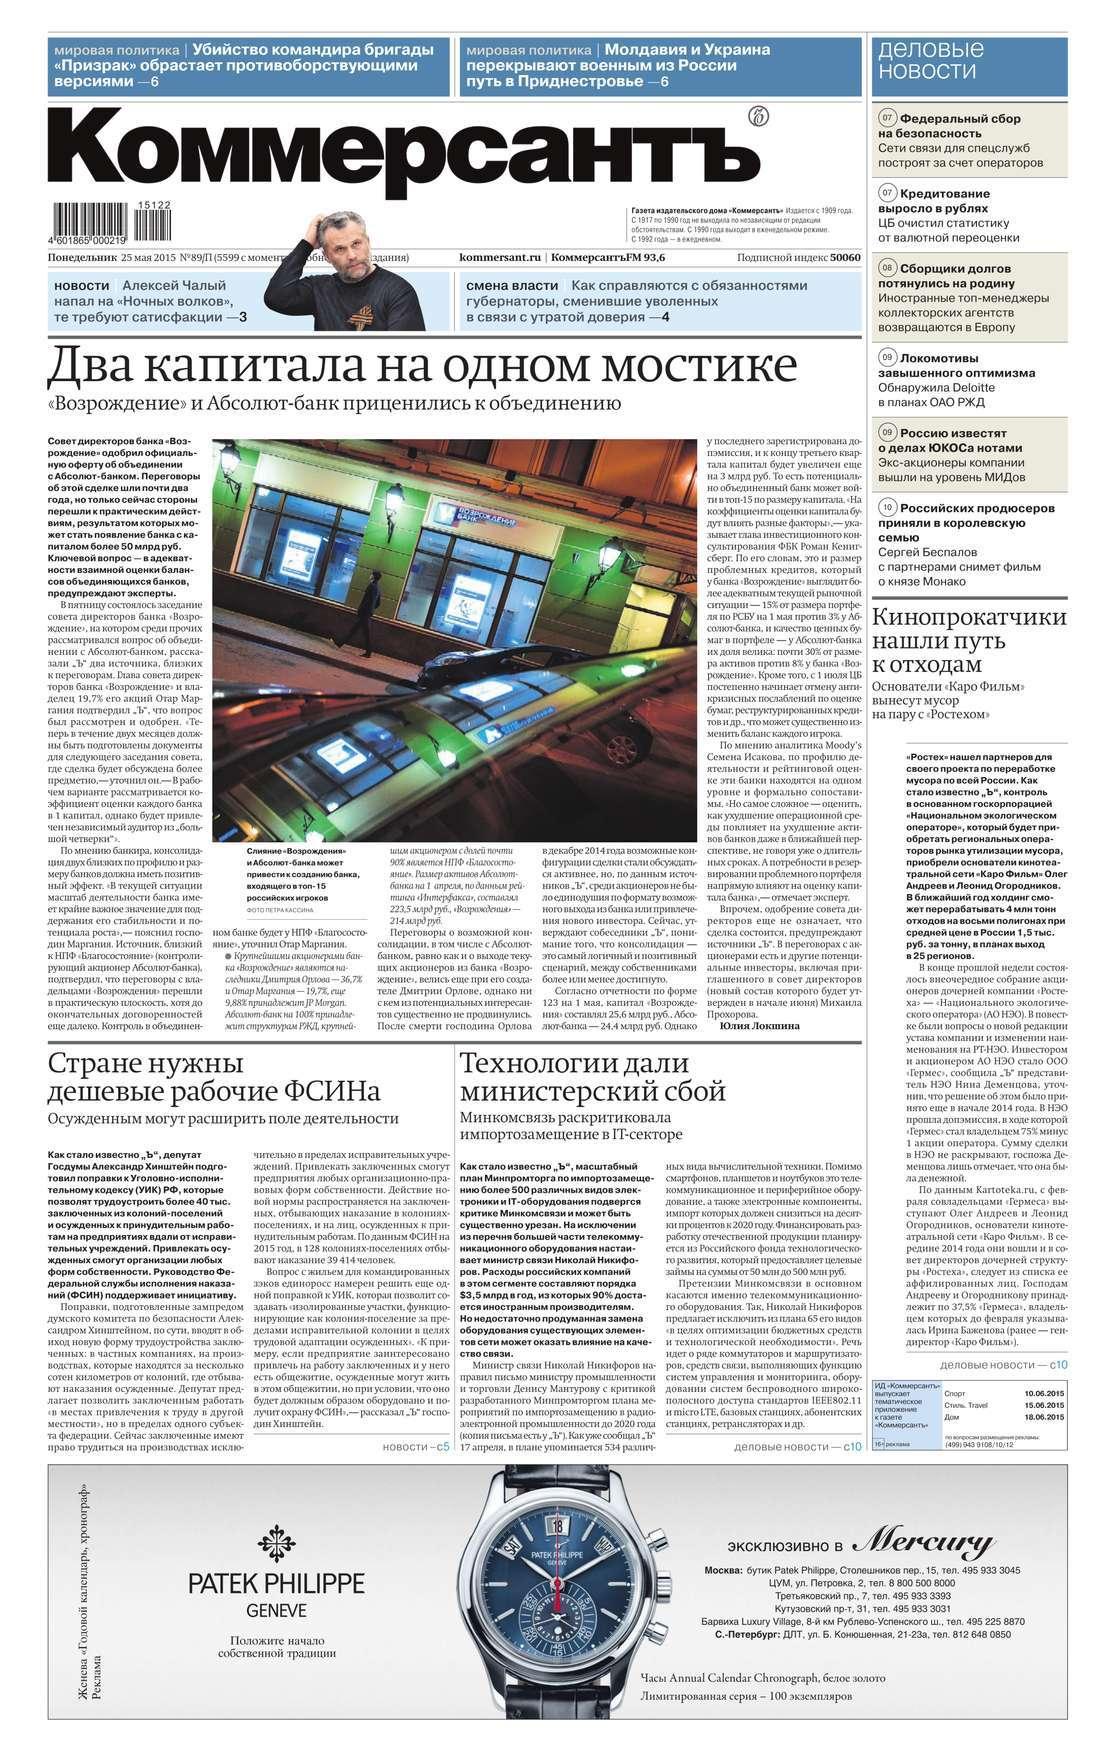 Скачать КоммерсантЪ 89п бесплатно Редакция газеты КоммерсантЪ